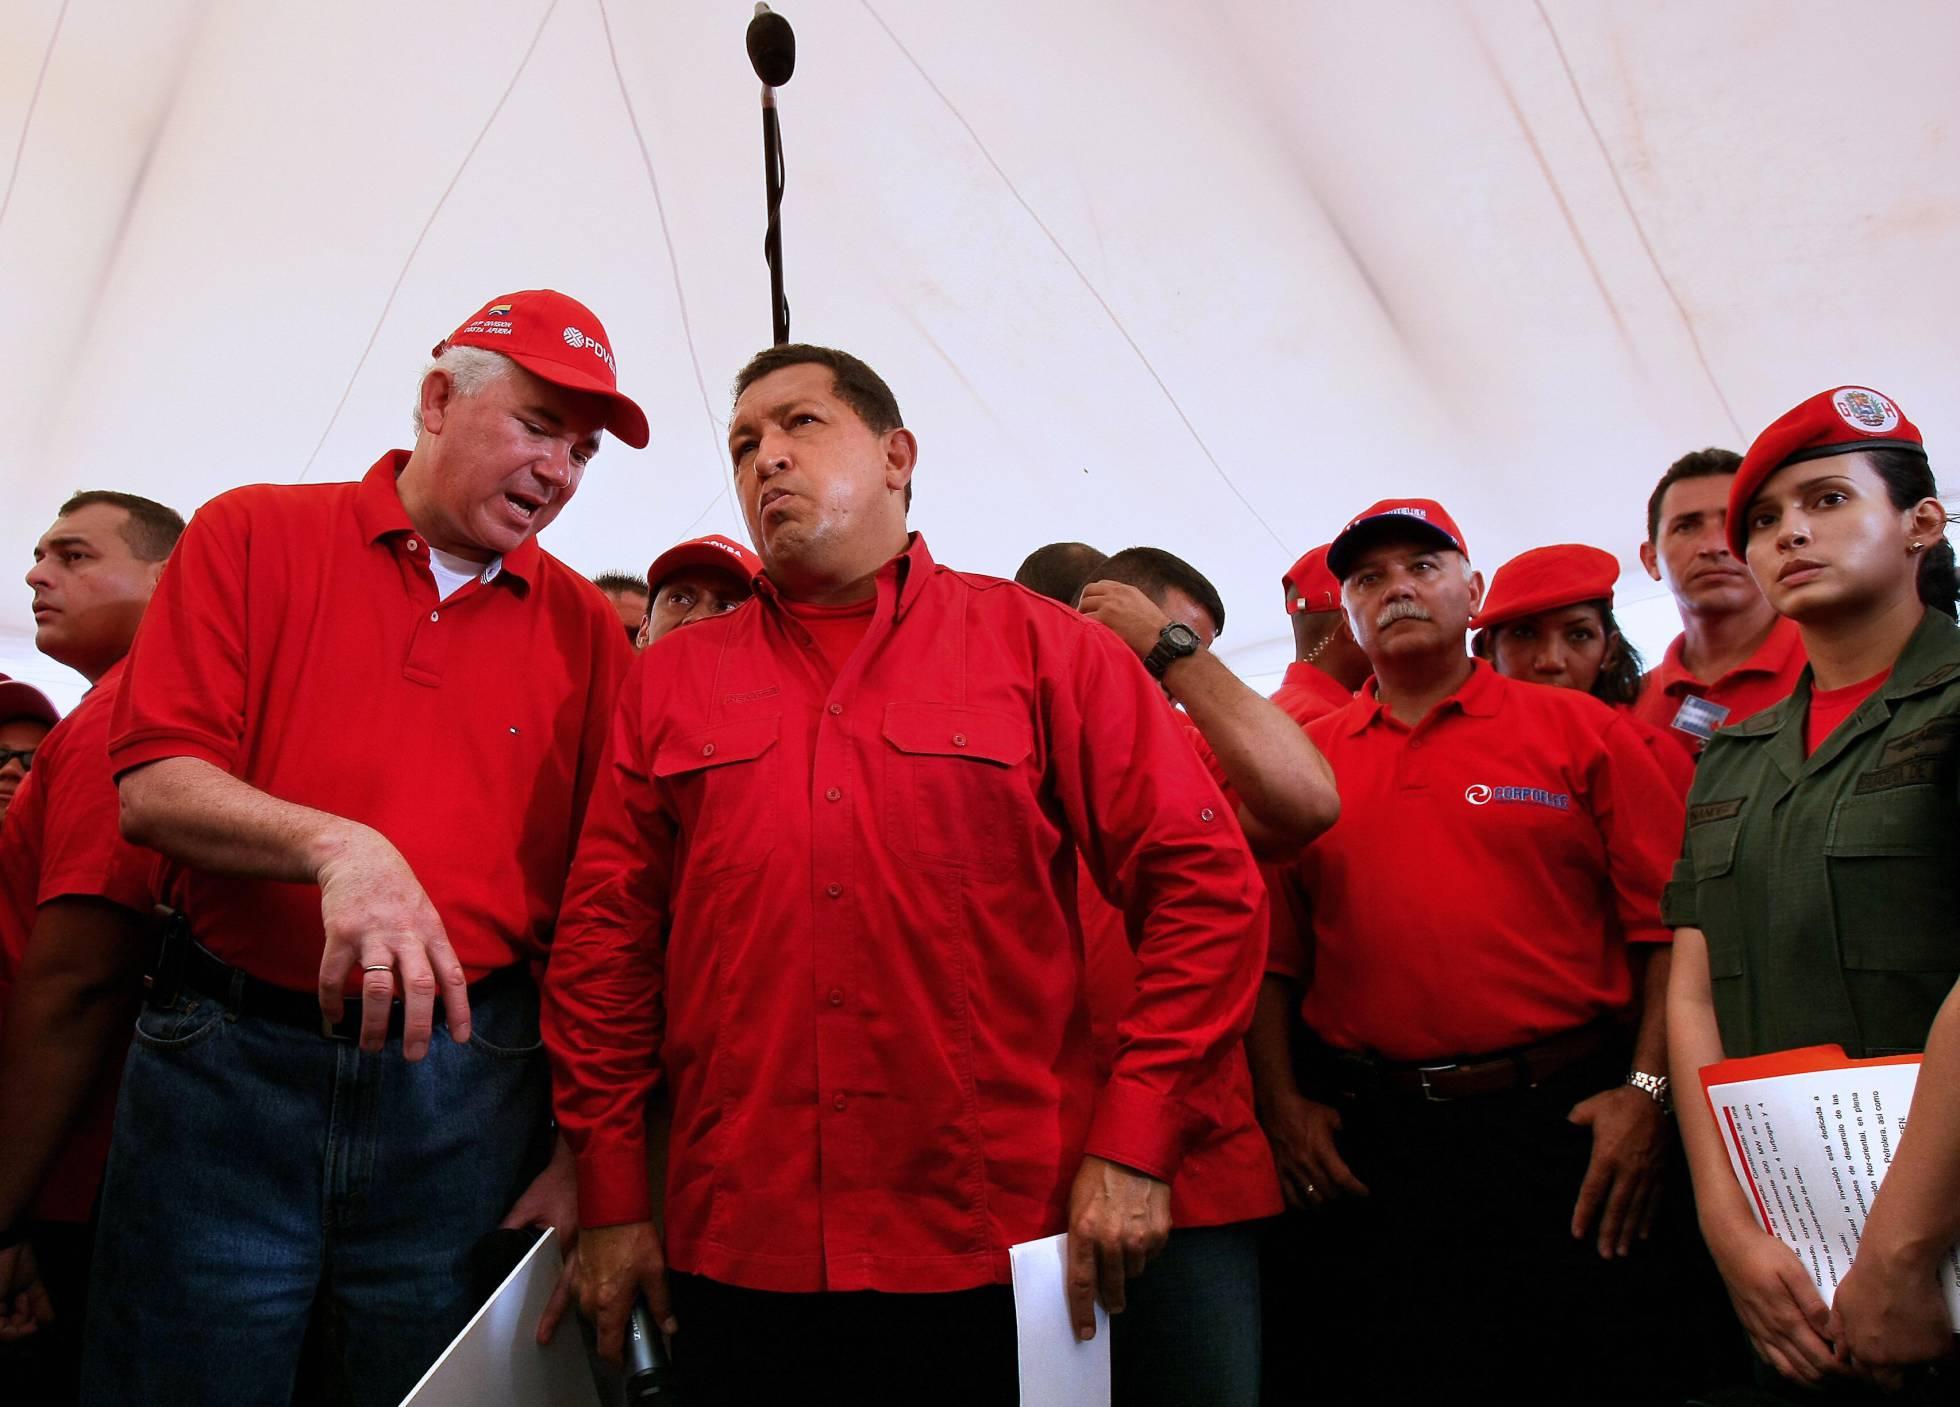 Exministros de Chávez ocultaron 2.000 millones de euros en Andorra